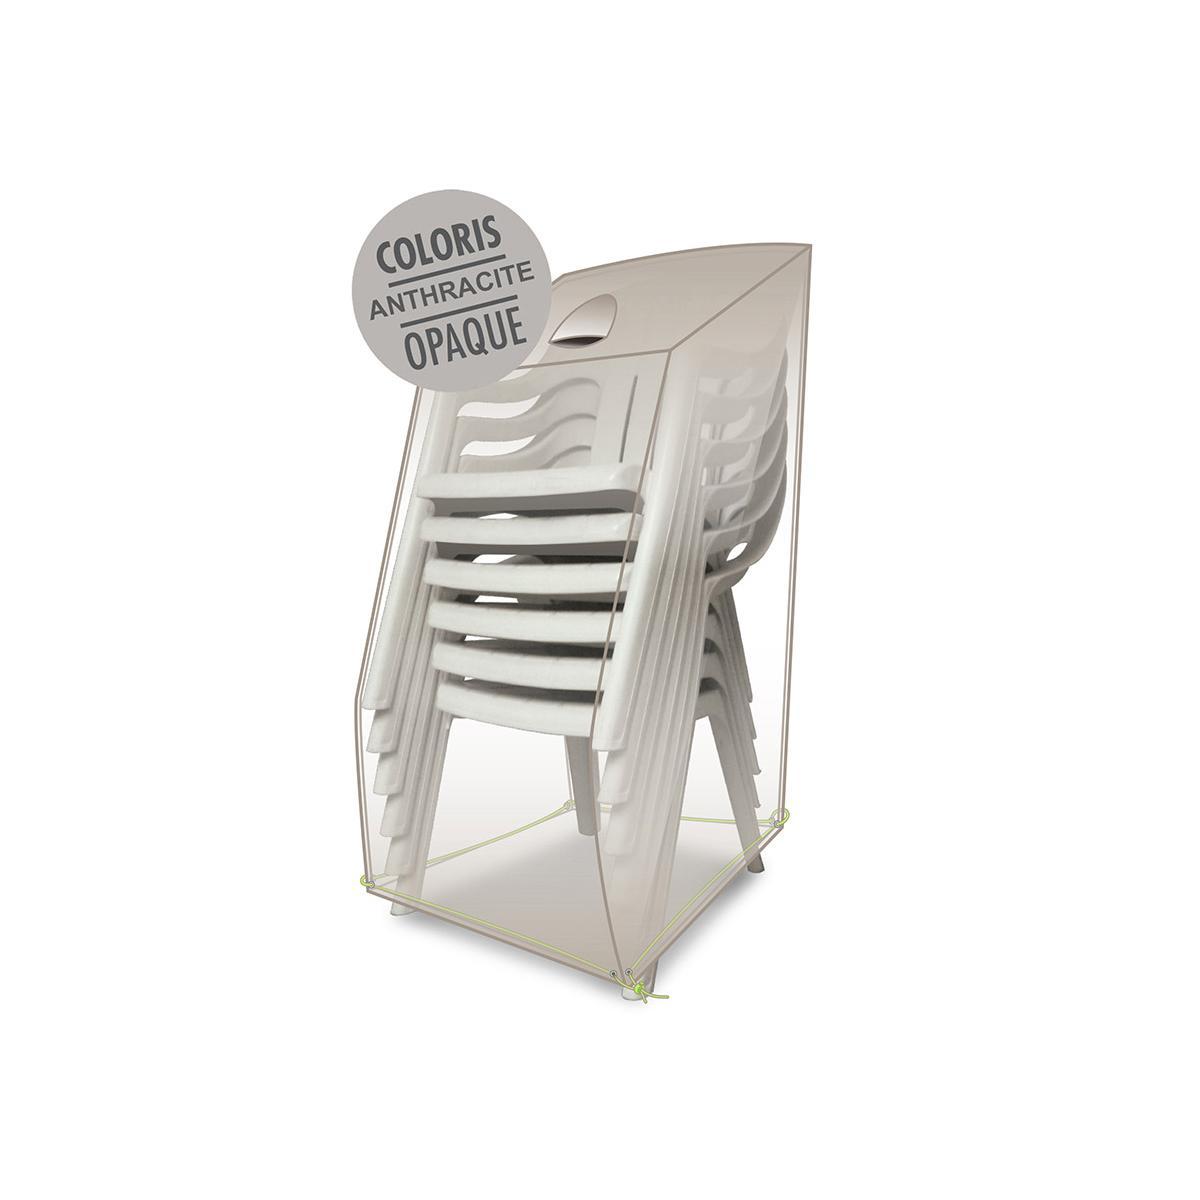 Jardideco Housse de protection pour chaises empilables 66 x 66 x 110/80 cm